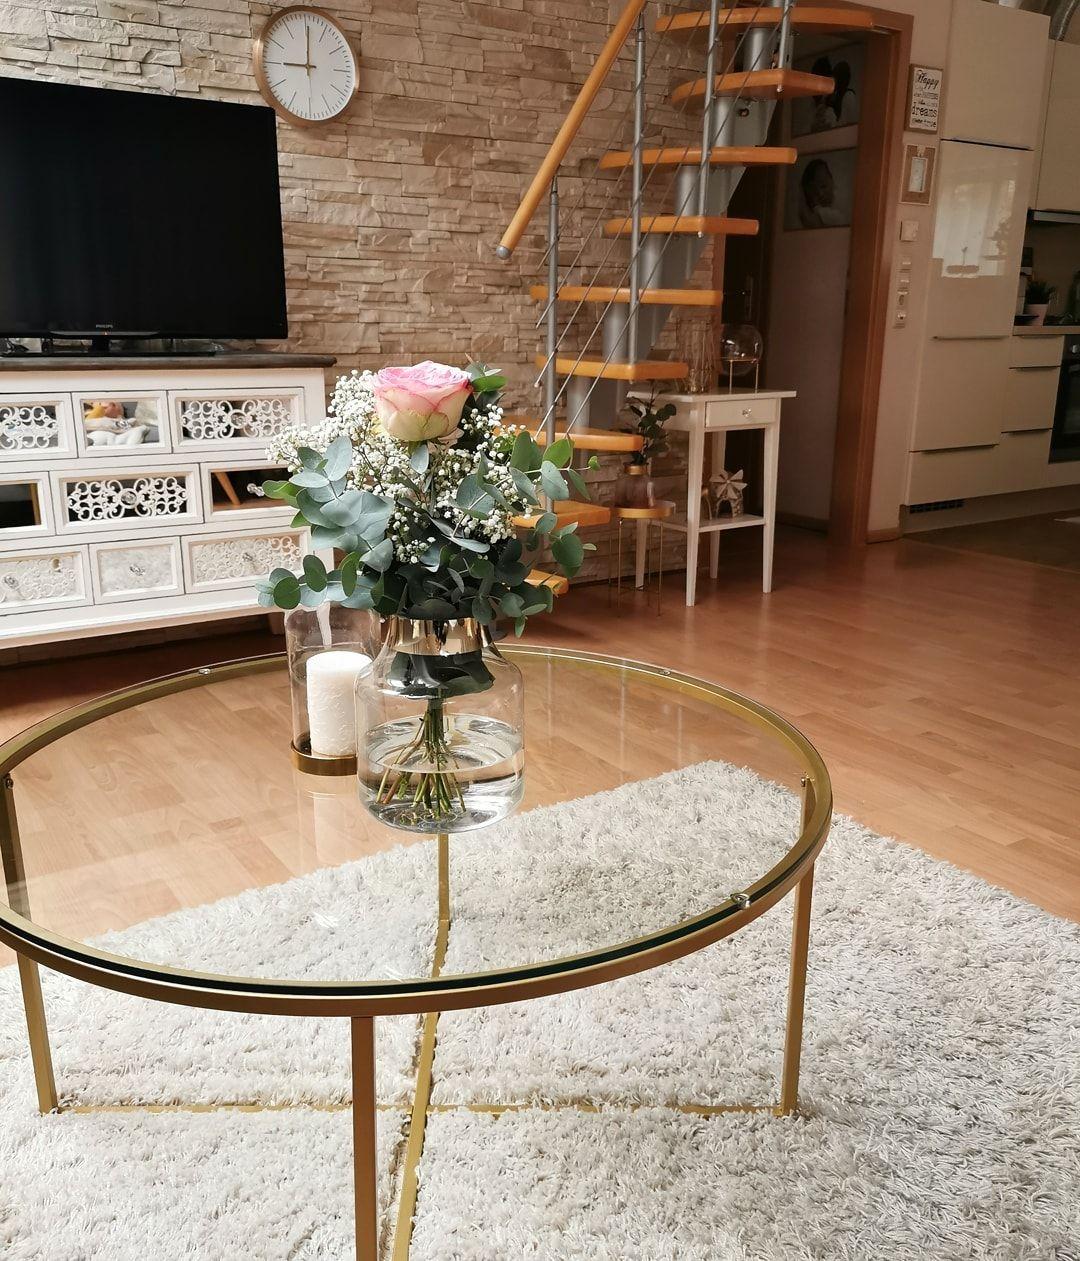 4 tips to successfully decorate your living room Ich wünsche euch eine schöne Woche  Werbung  Unbeauftragt